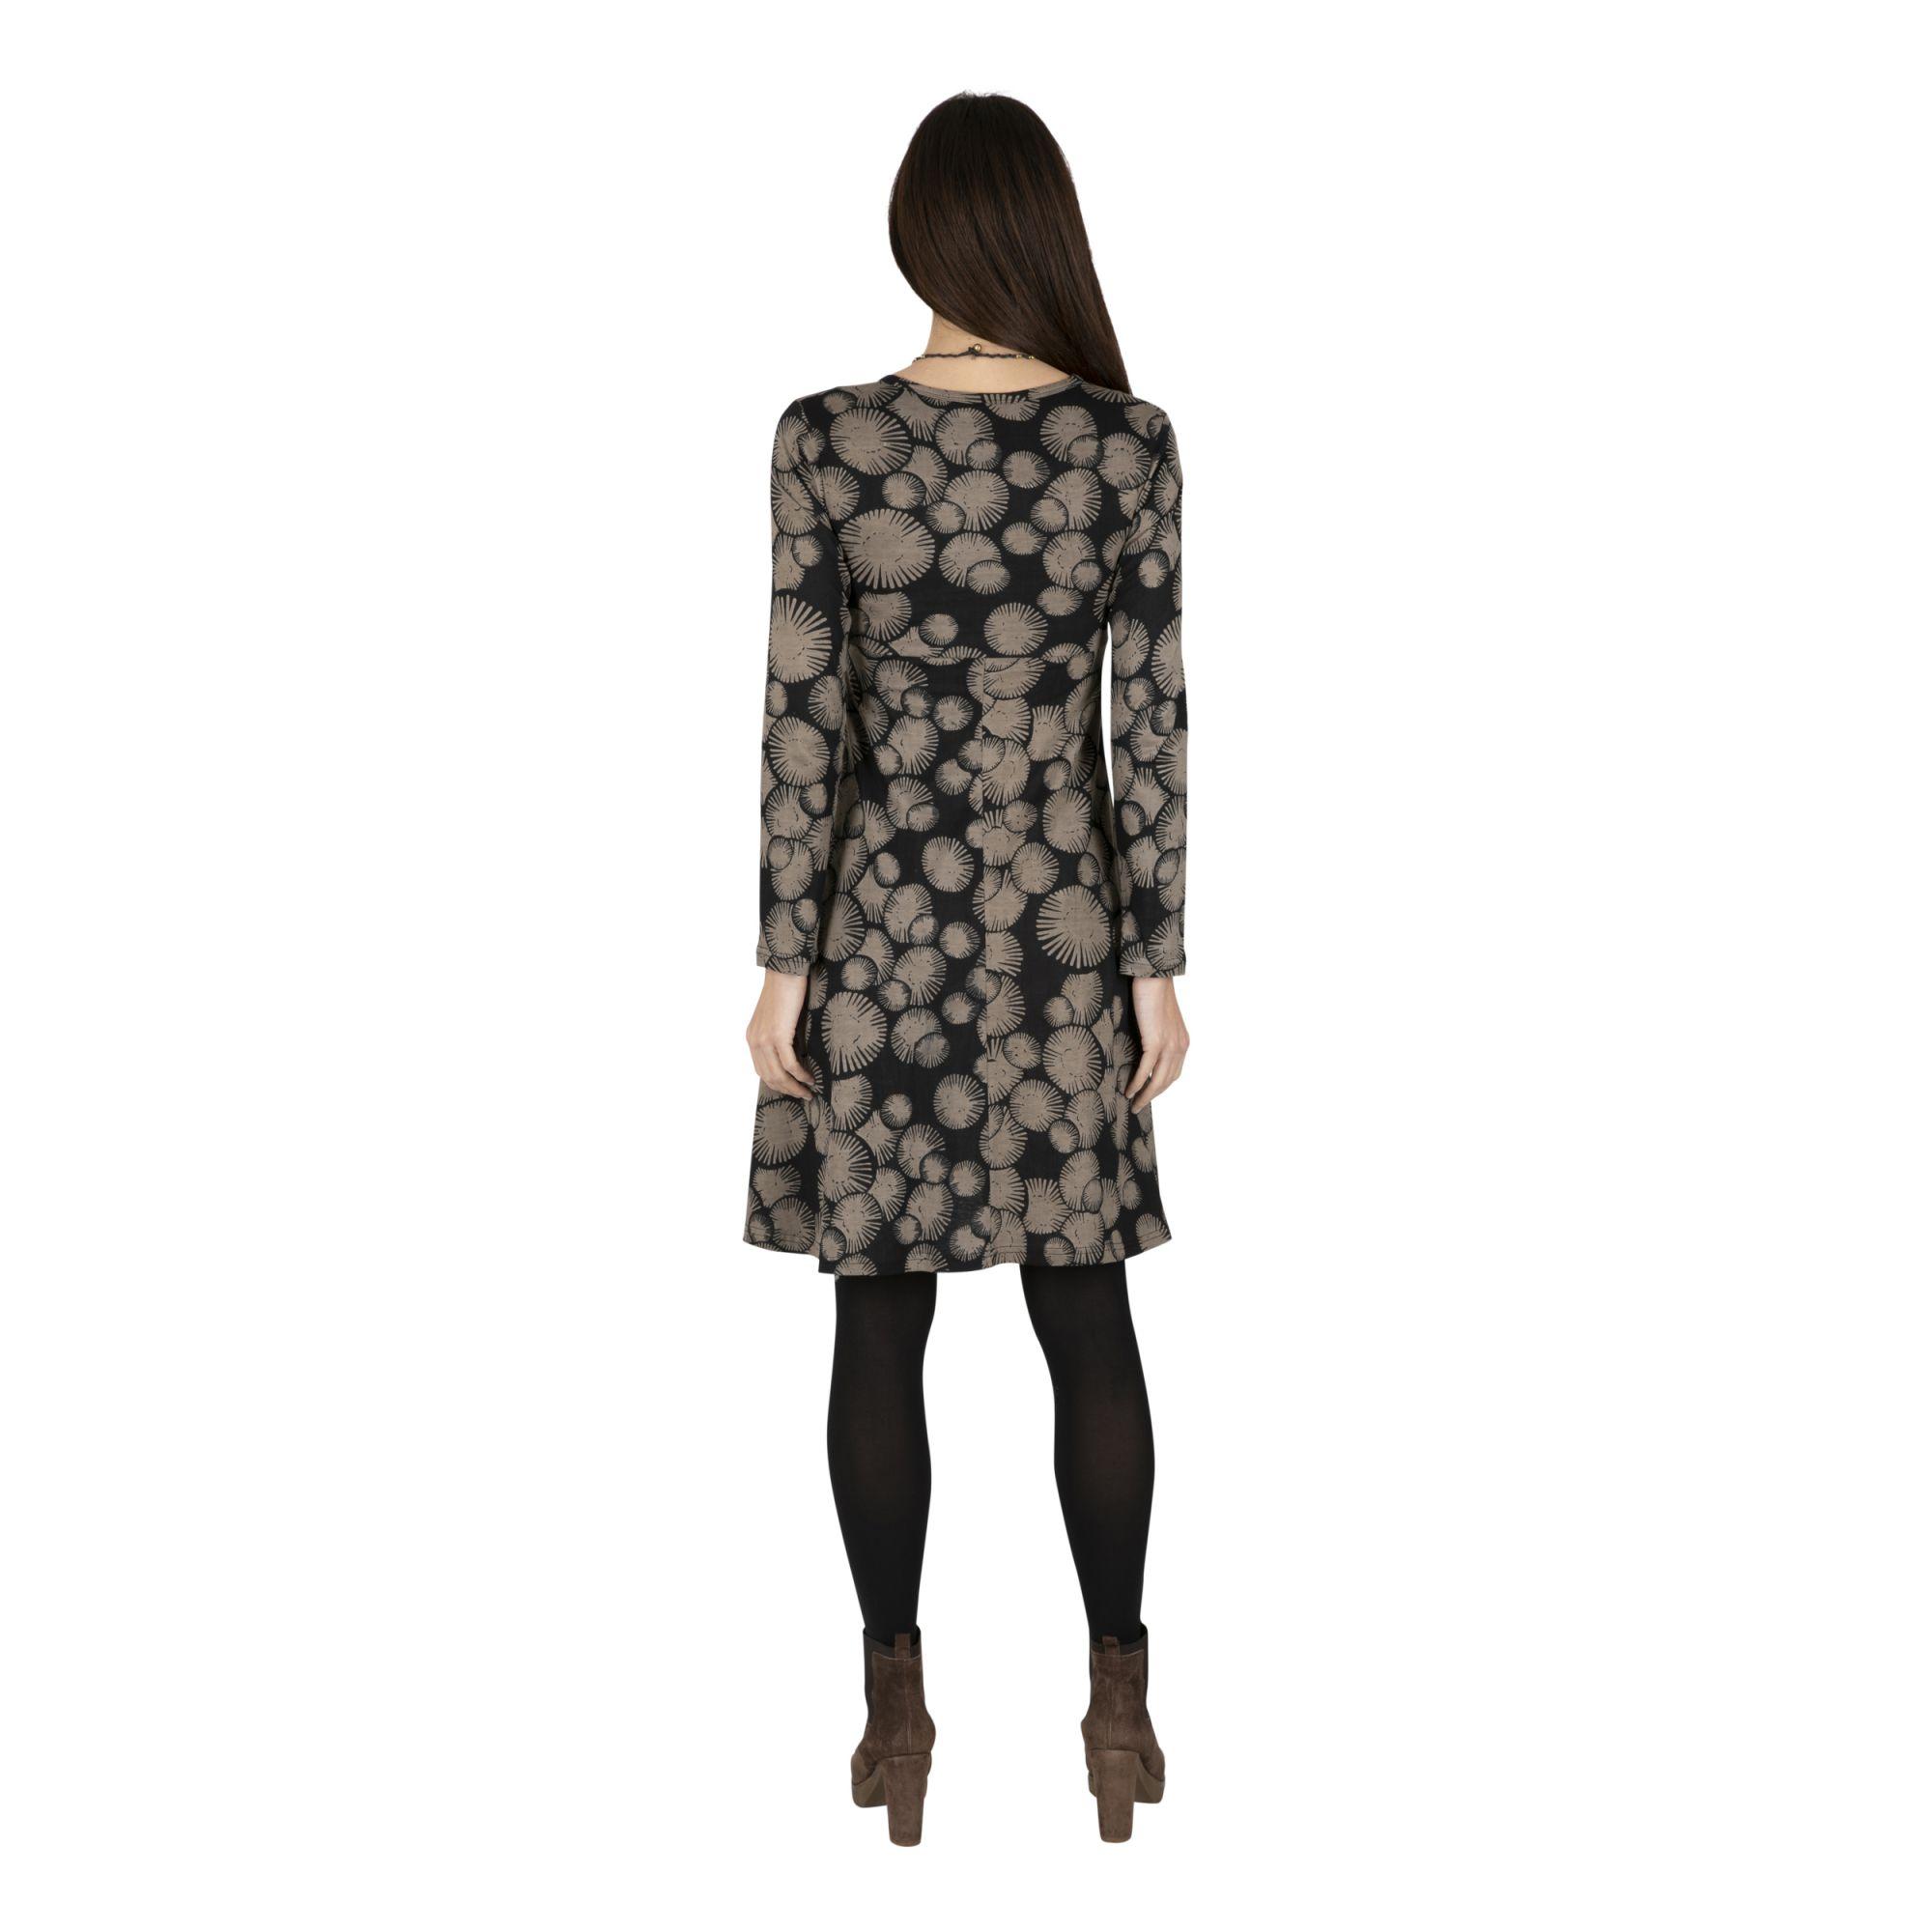 Robe femme de collection hiver à imprimé original Émilie